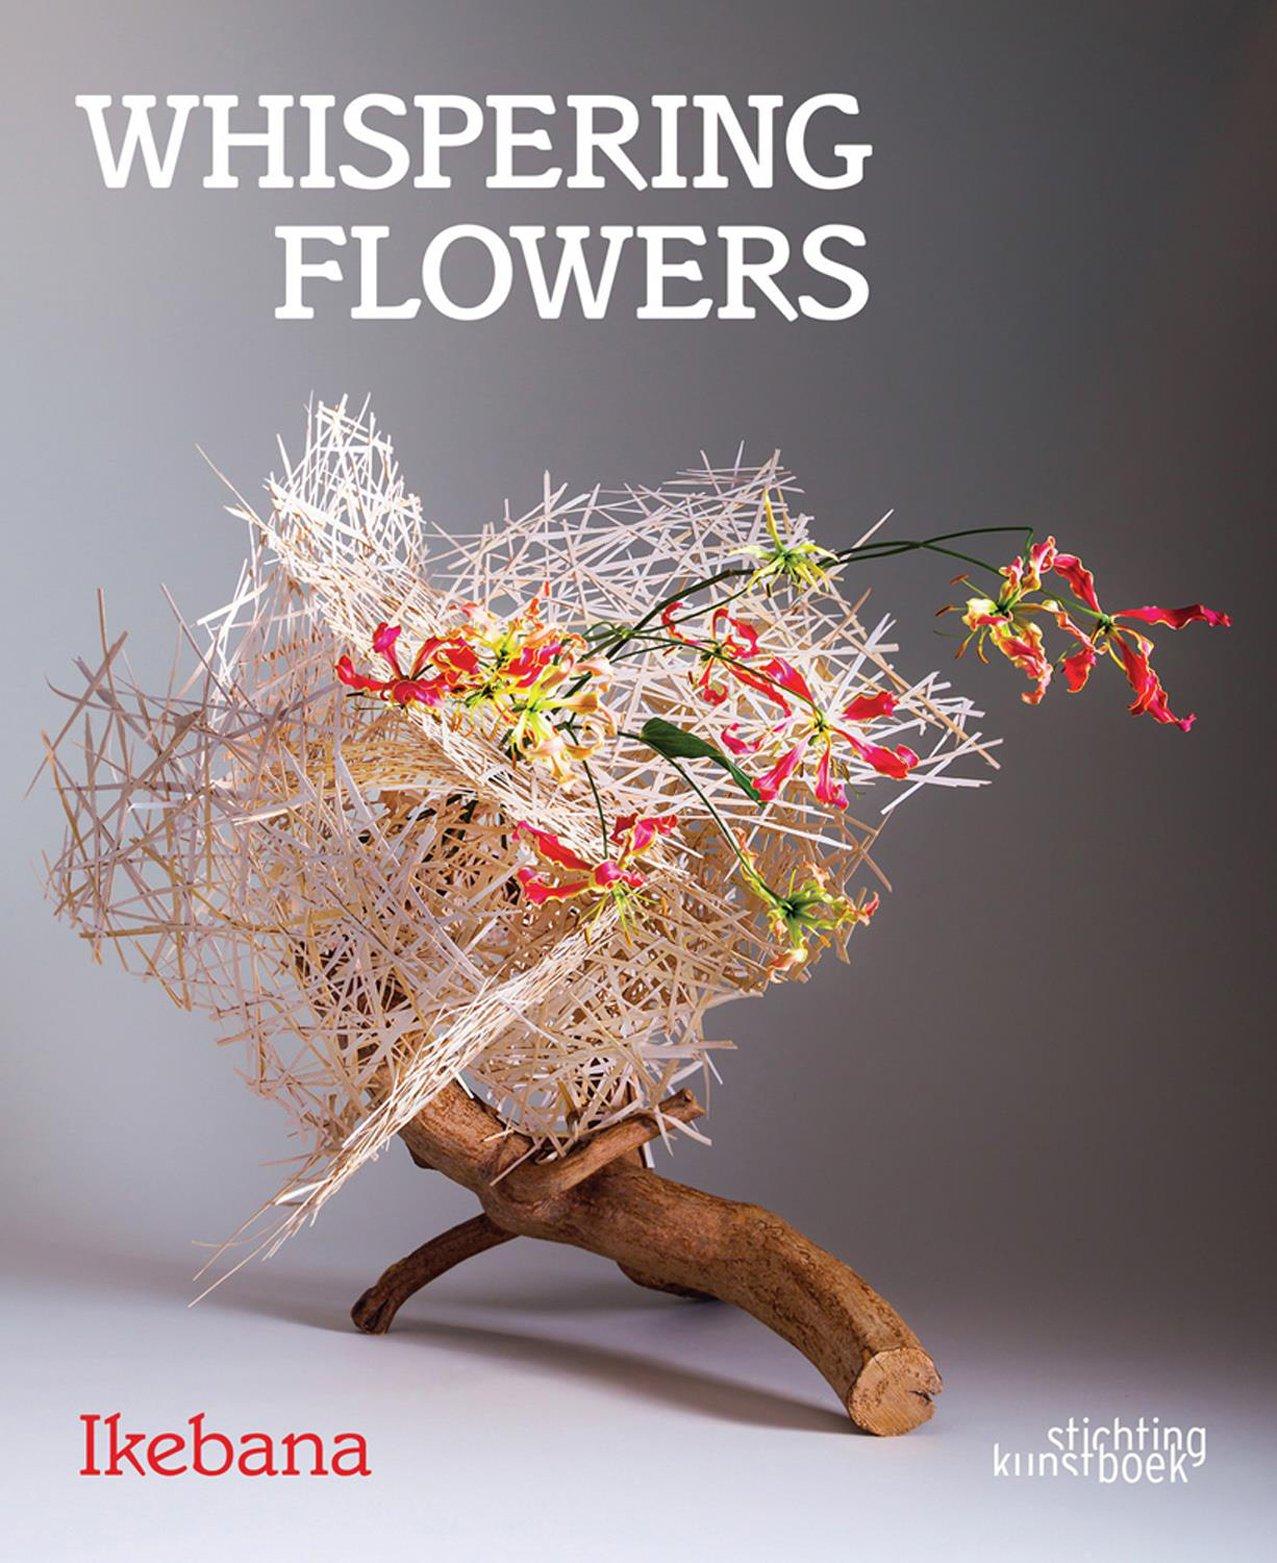 Whispering Flowers: Ikebana